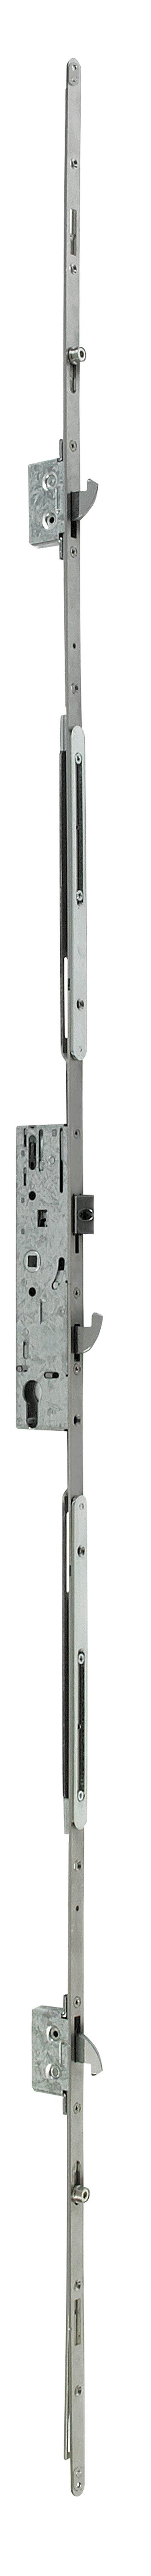 Adjustable Replacement Lock for PVCu doors